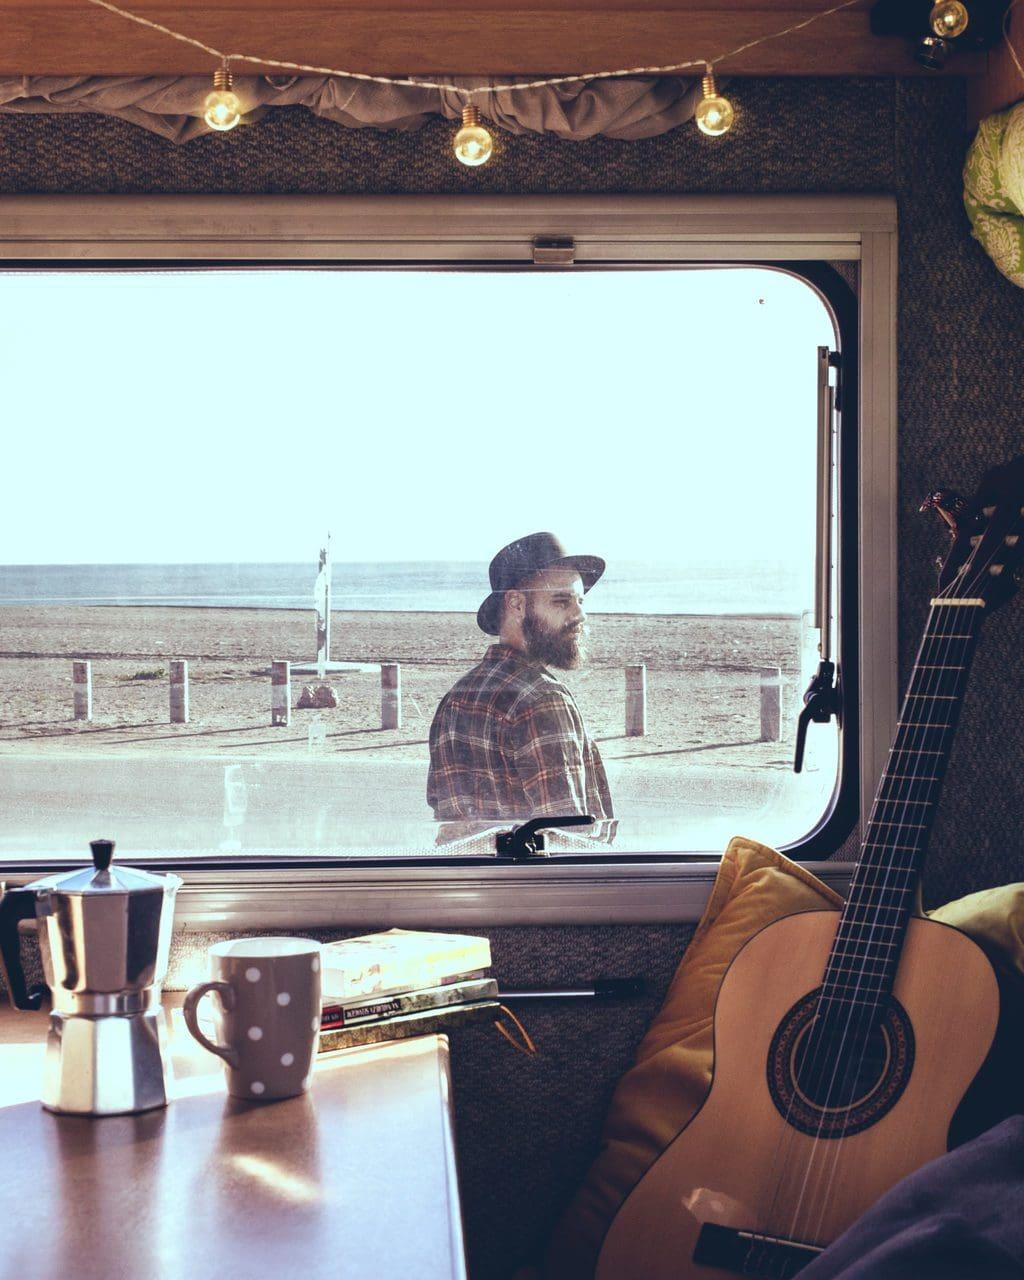 Koffietafel en gitaar vanuit een campervan opgenomen